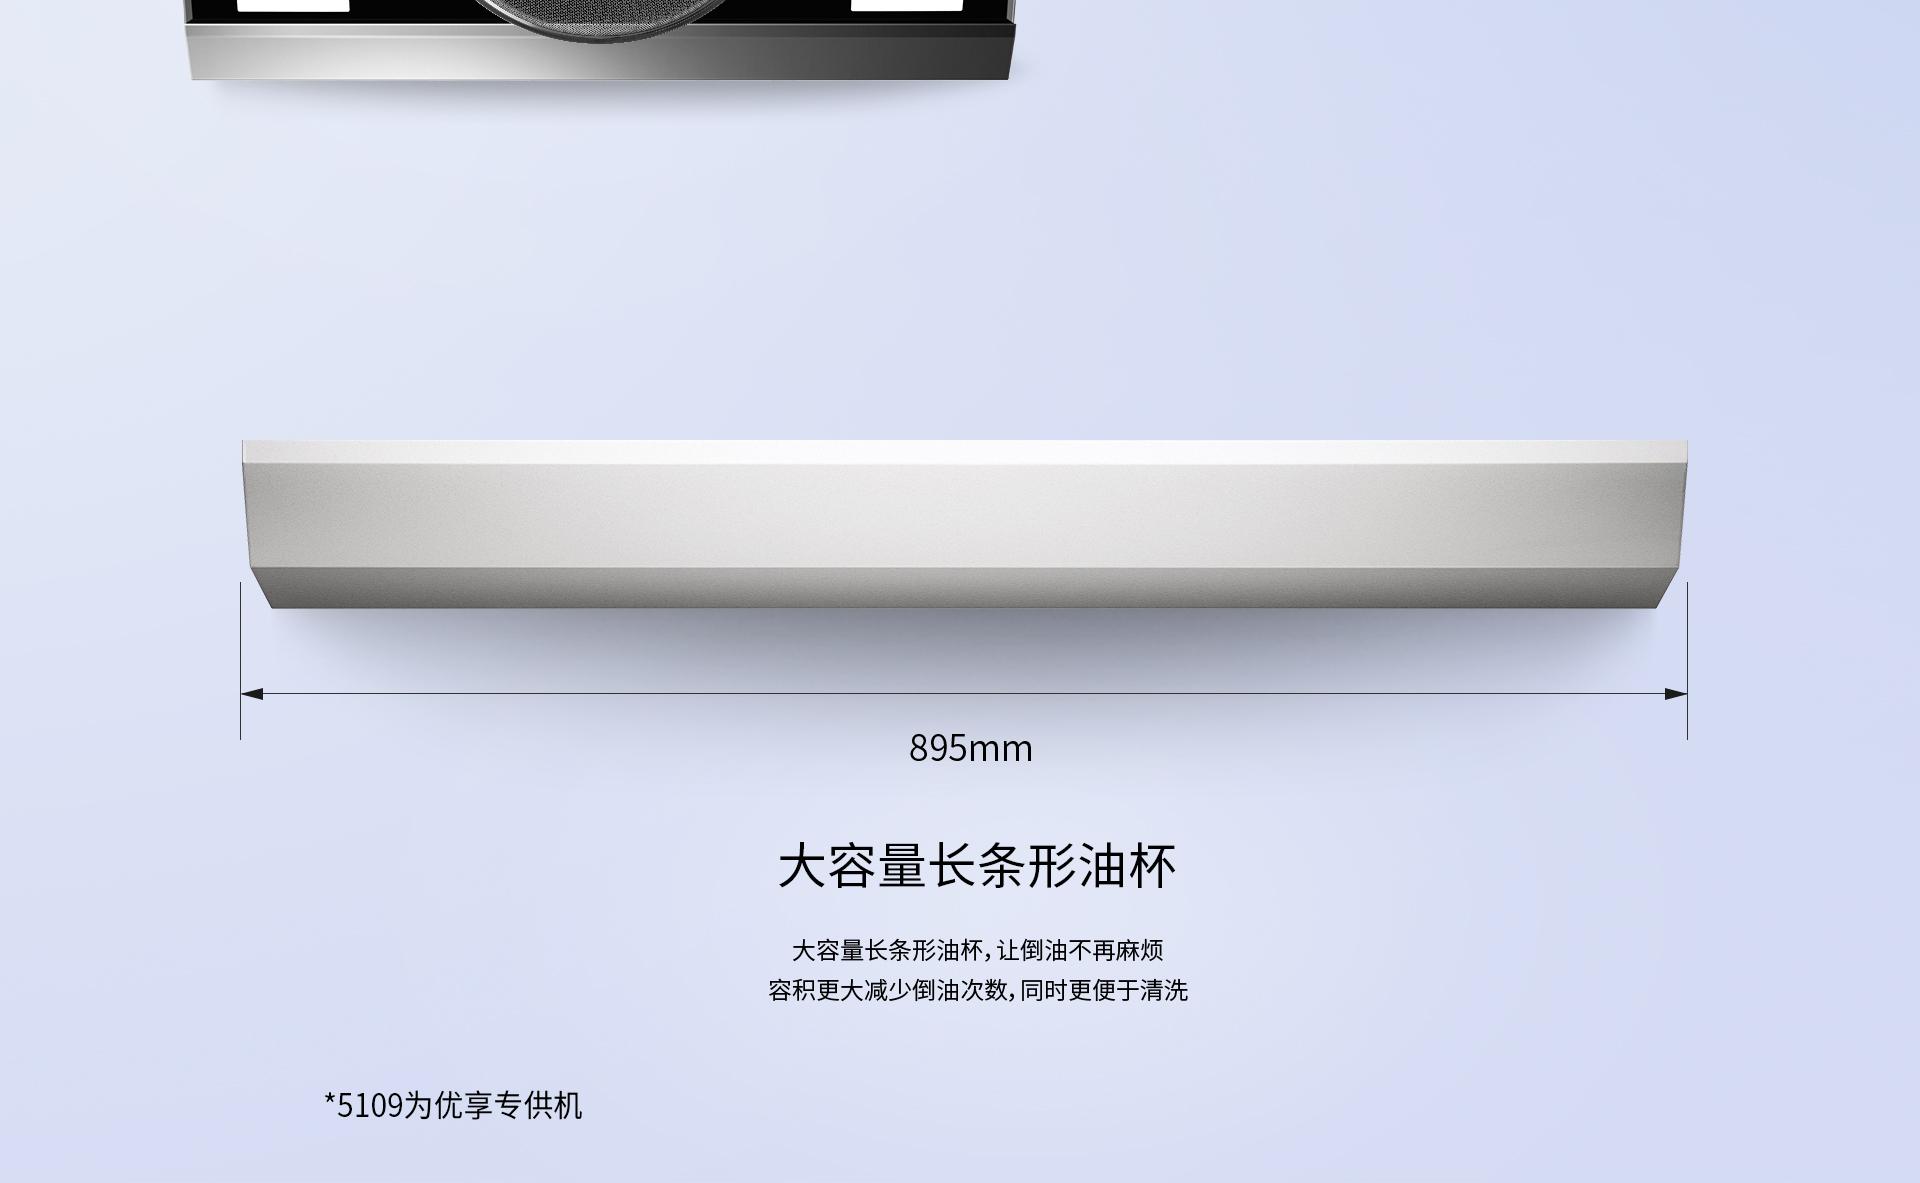 5109优化-PC_07.jpg